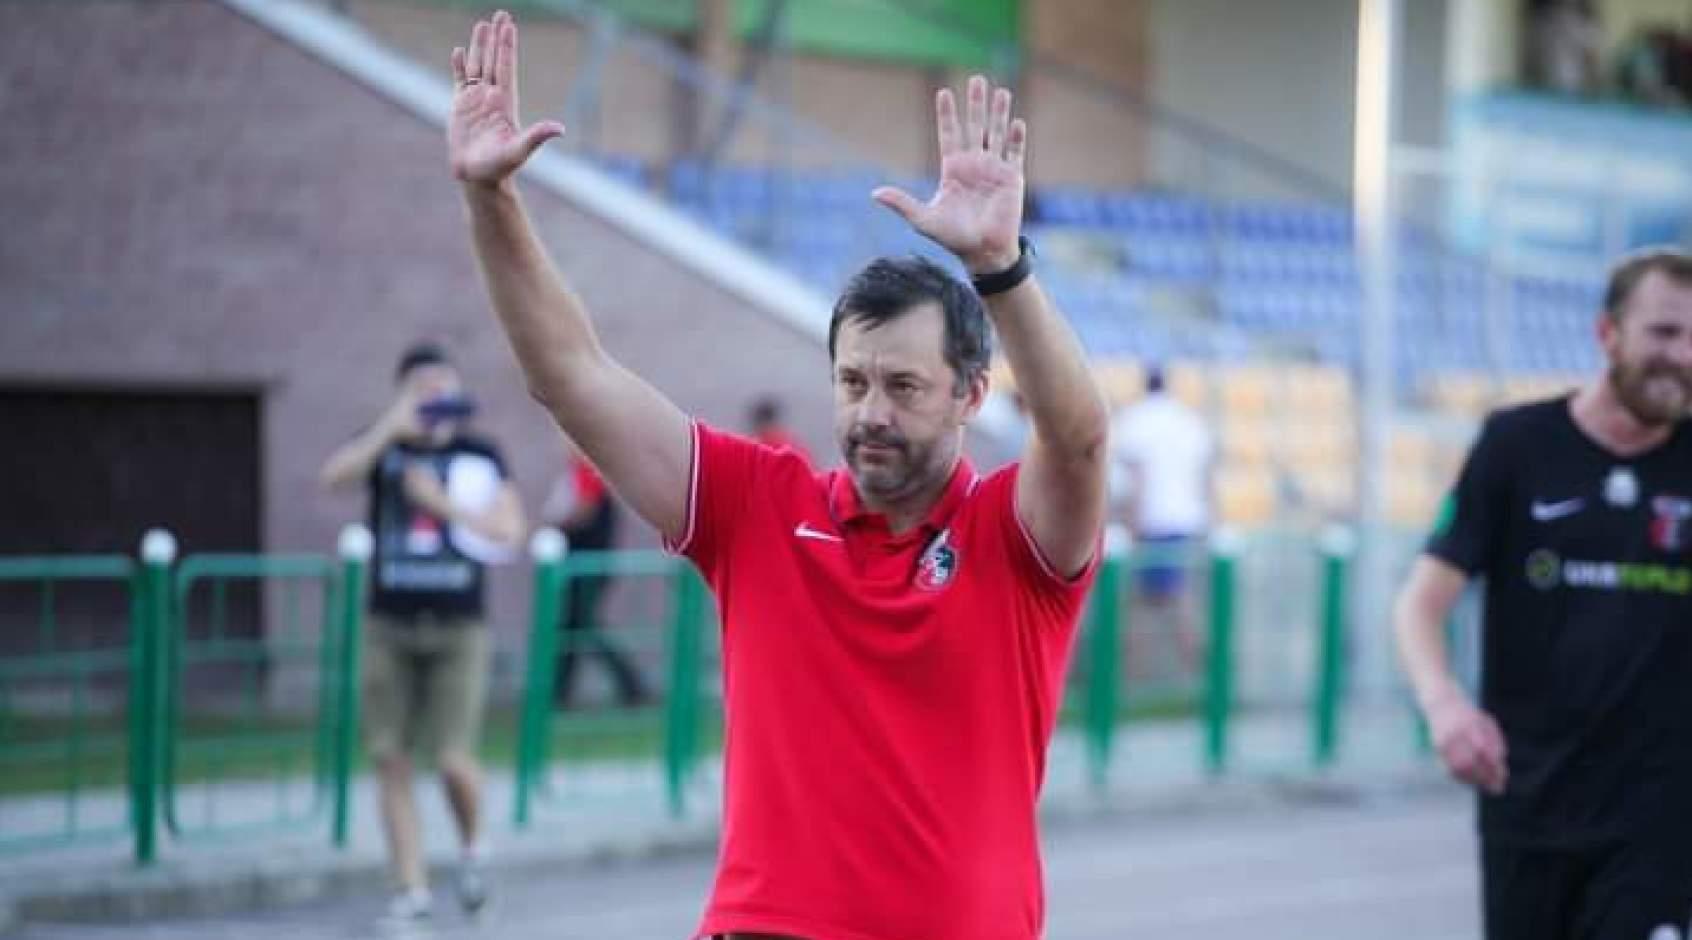 """Юрий Вирт: """"Все, мы завершили сезон, переиграли """"Мариуполь"""" - будет и банкет, и поздравления"""""""